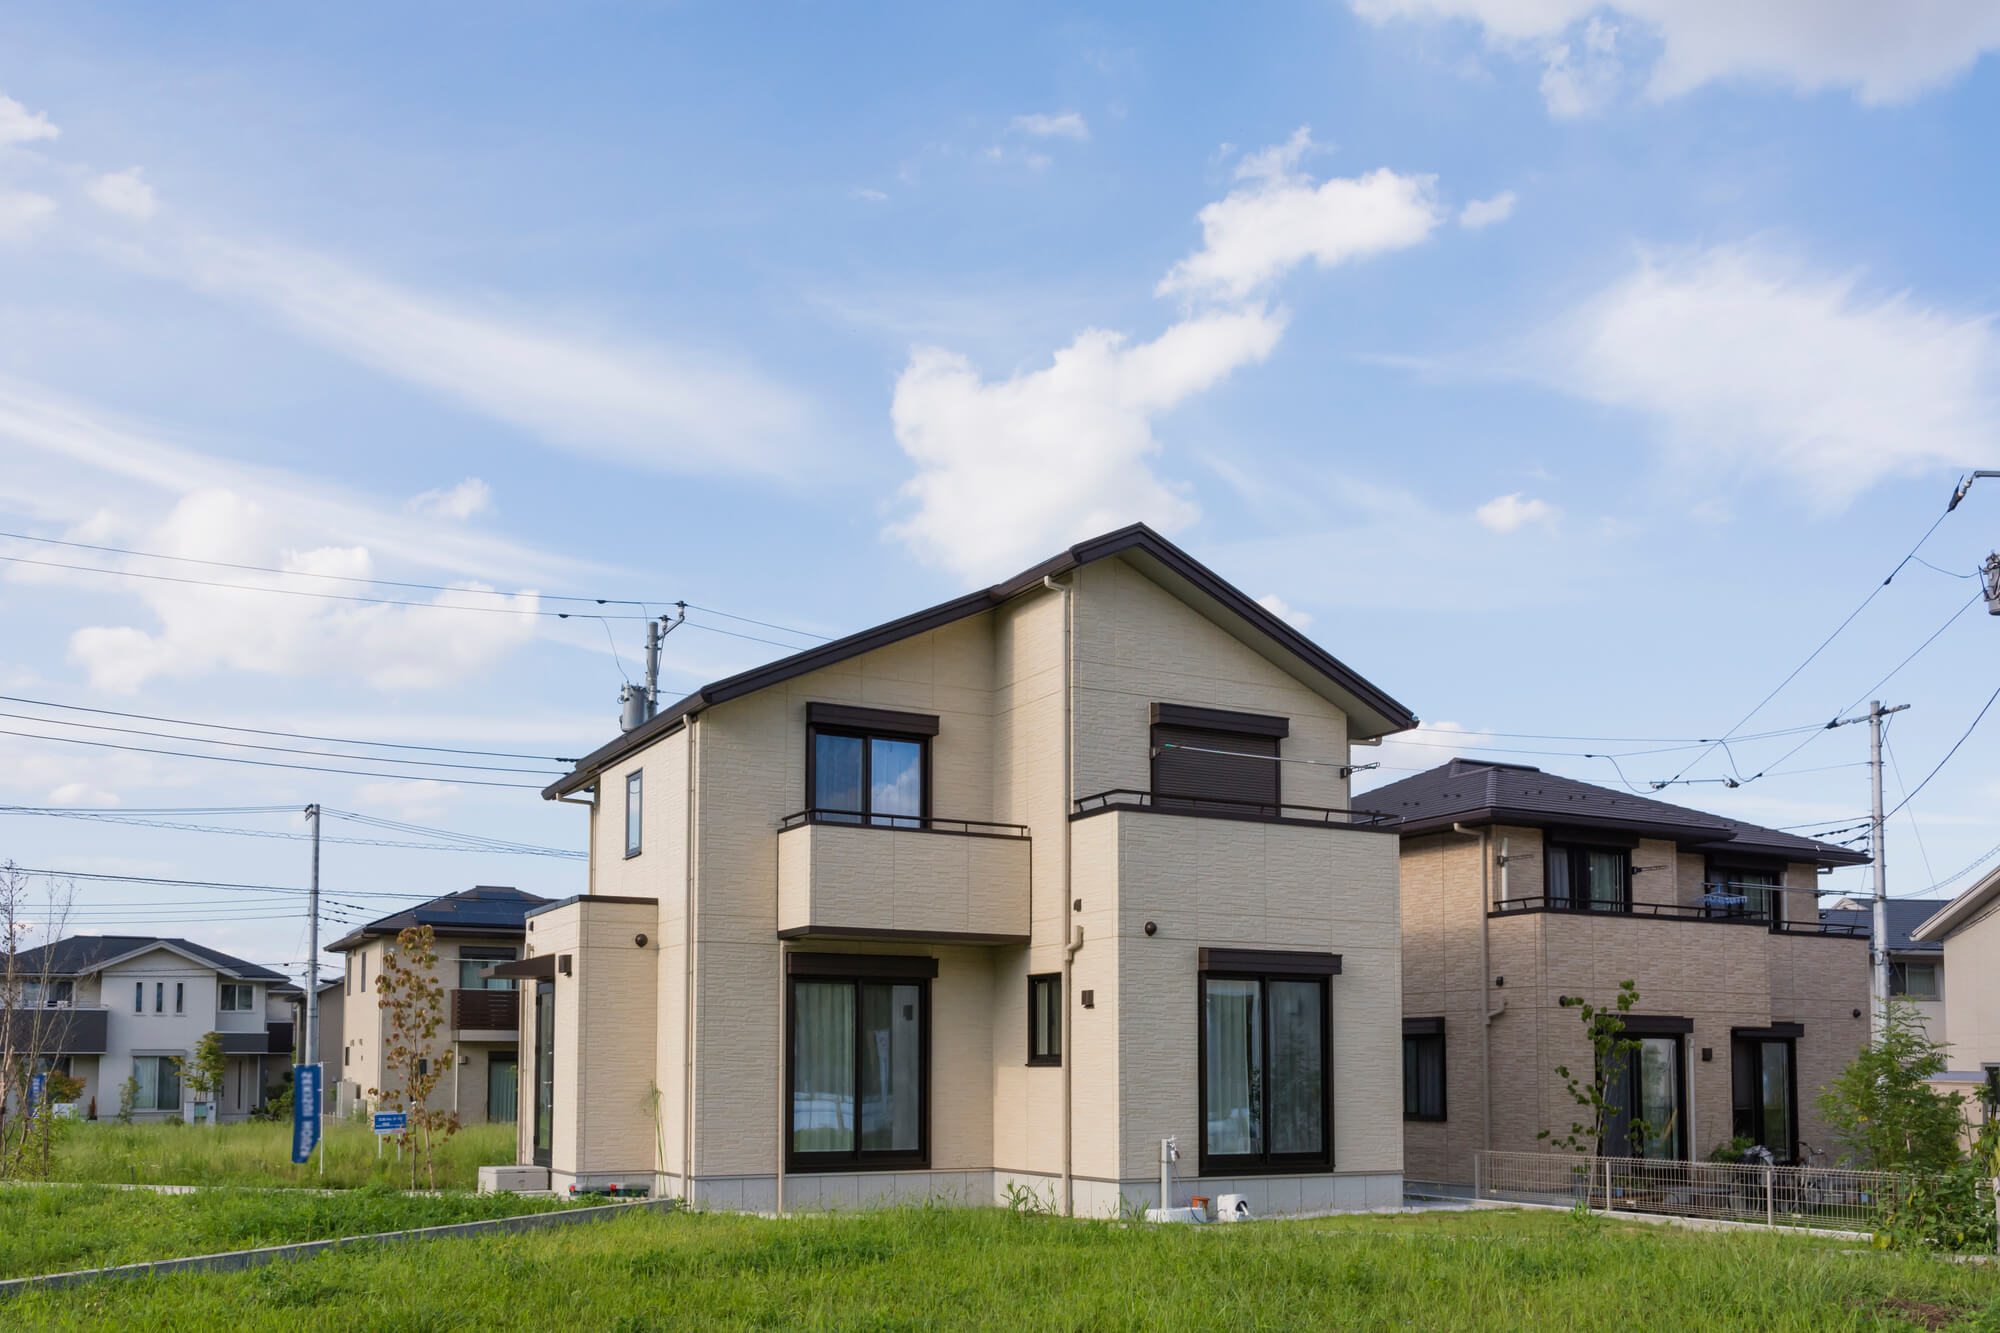 借地権付き物件への投資でボロ儲け?基礎知識と売却の極意